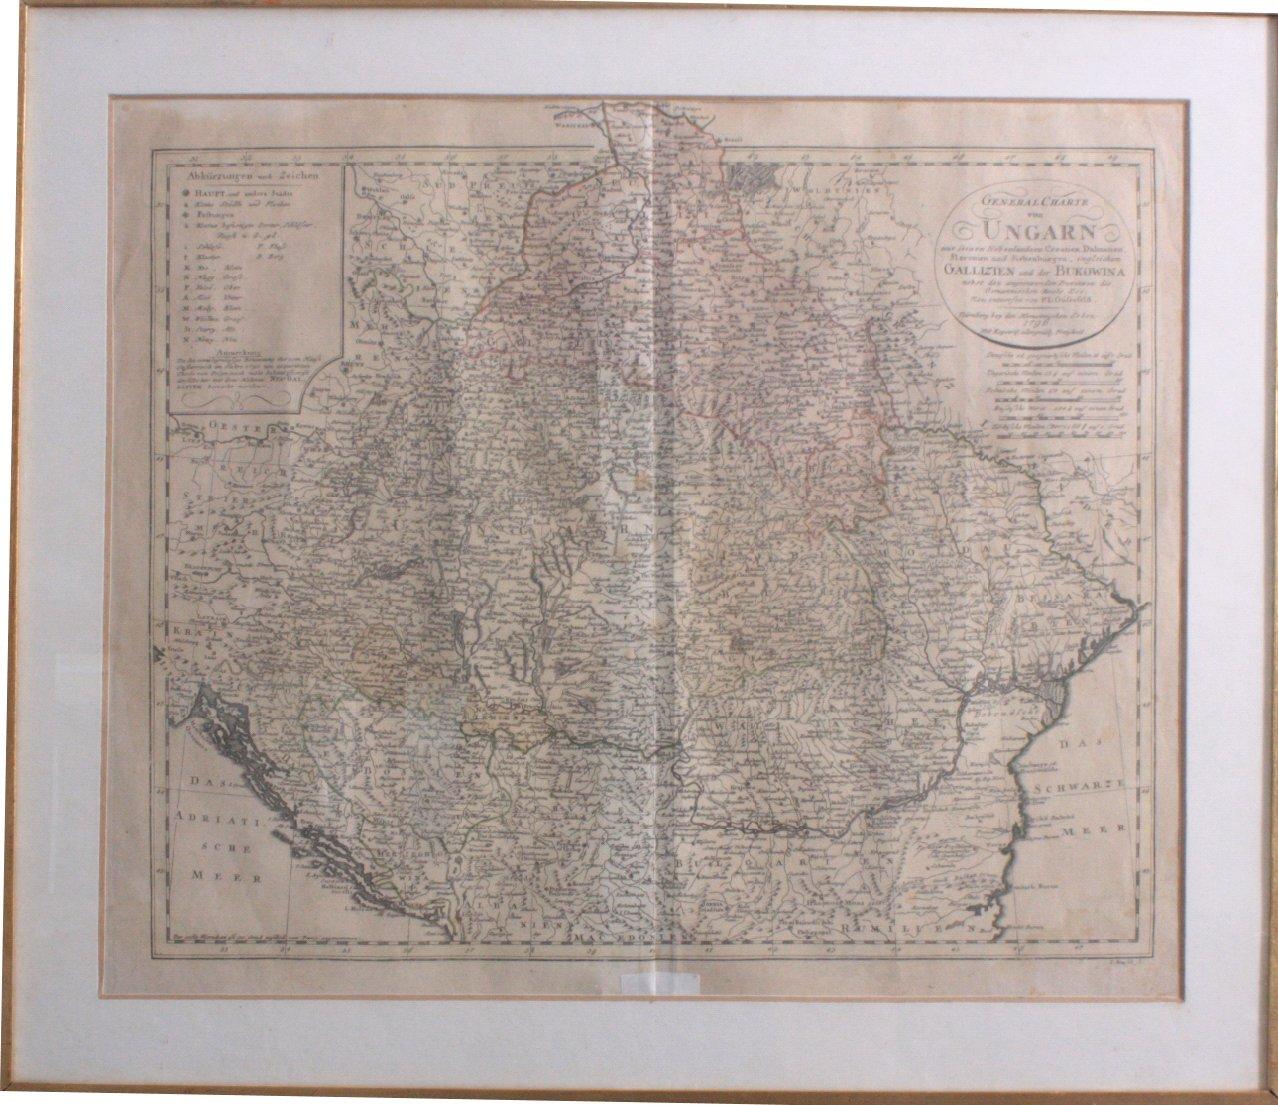 Altkolorierte Kupferstichkarte Ungarn von 1796